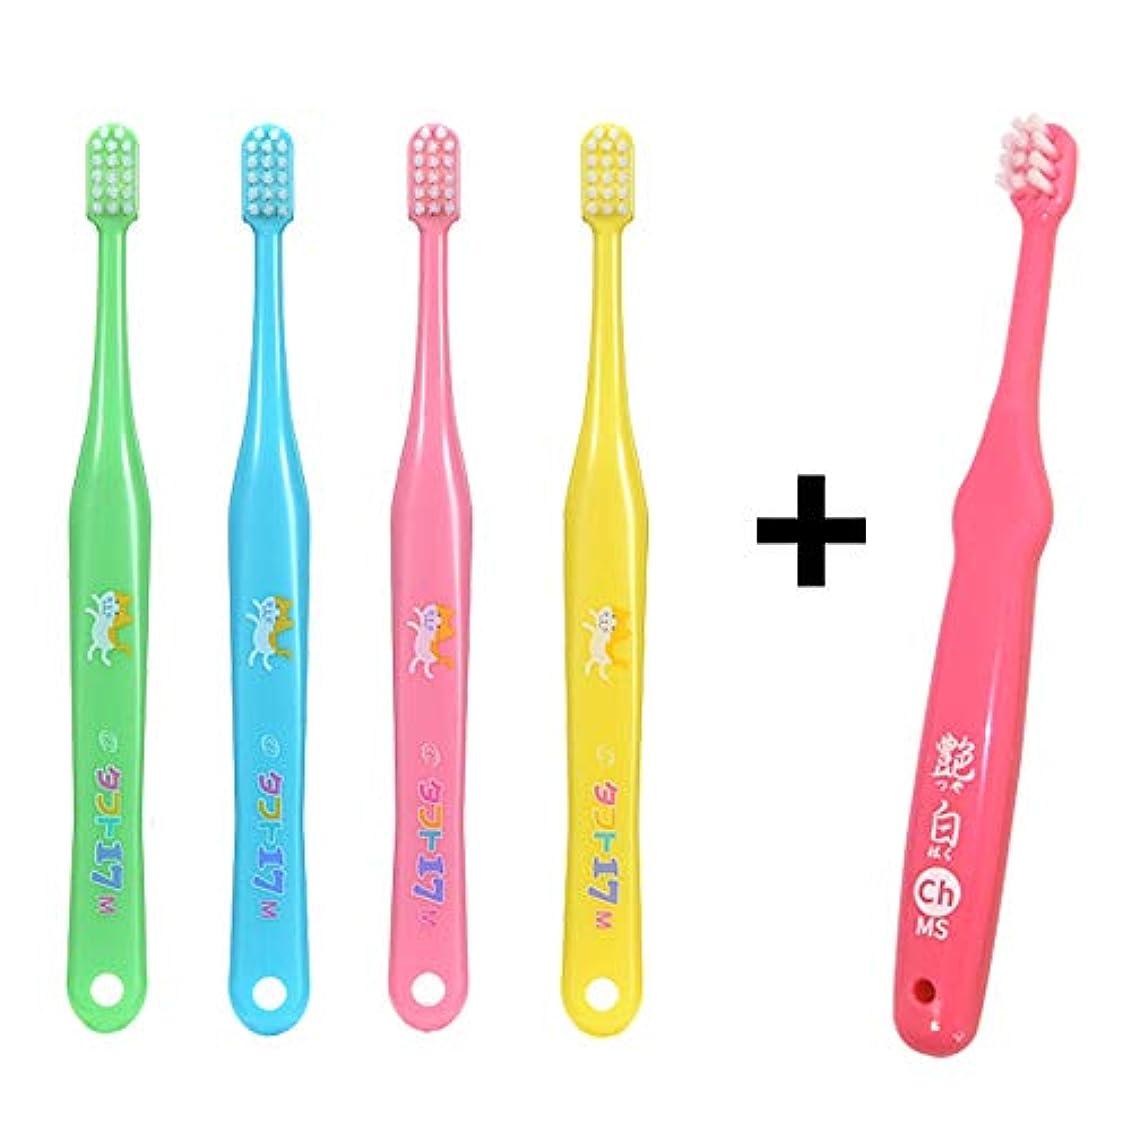 タフト17 M 歯ブラシ×10本 + 艶白(つやはく) Ch チャイルド ハブラシ×1本 MS(やややわらかめ) 日本製 歯科専売品